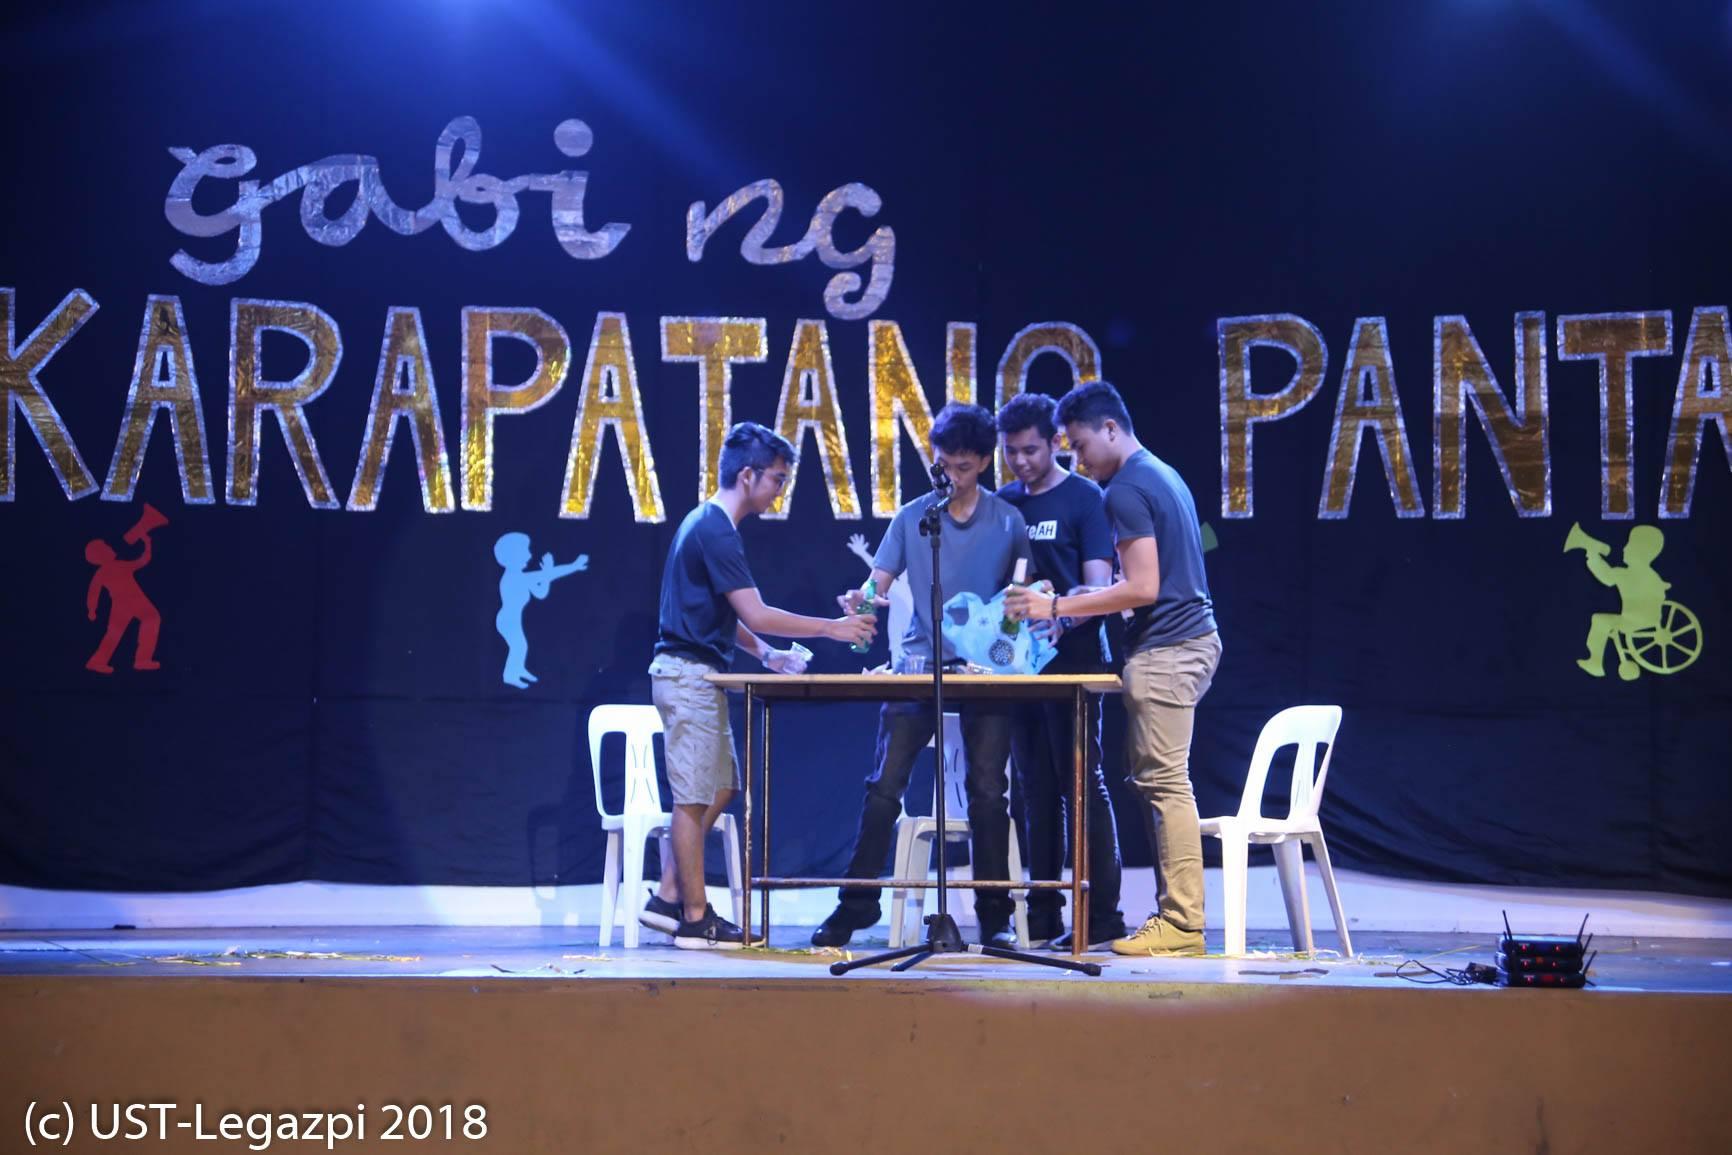 Gabi ng Karapatang Pantao 2018